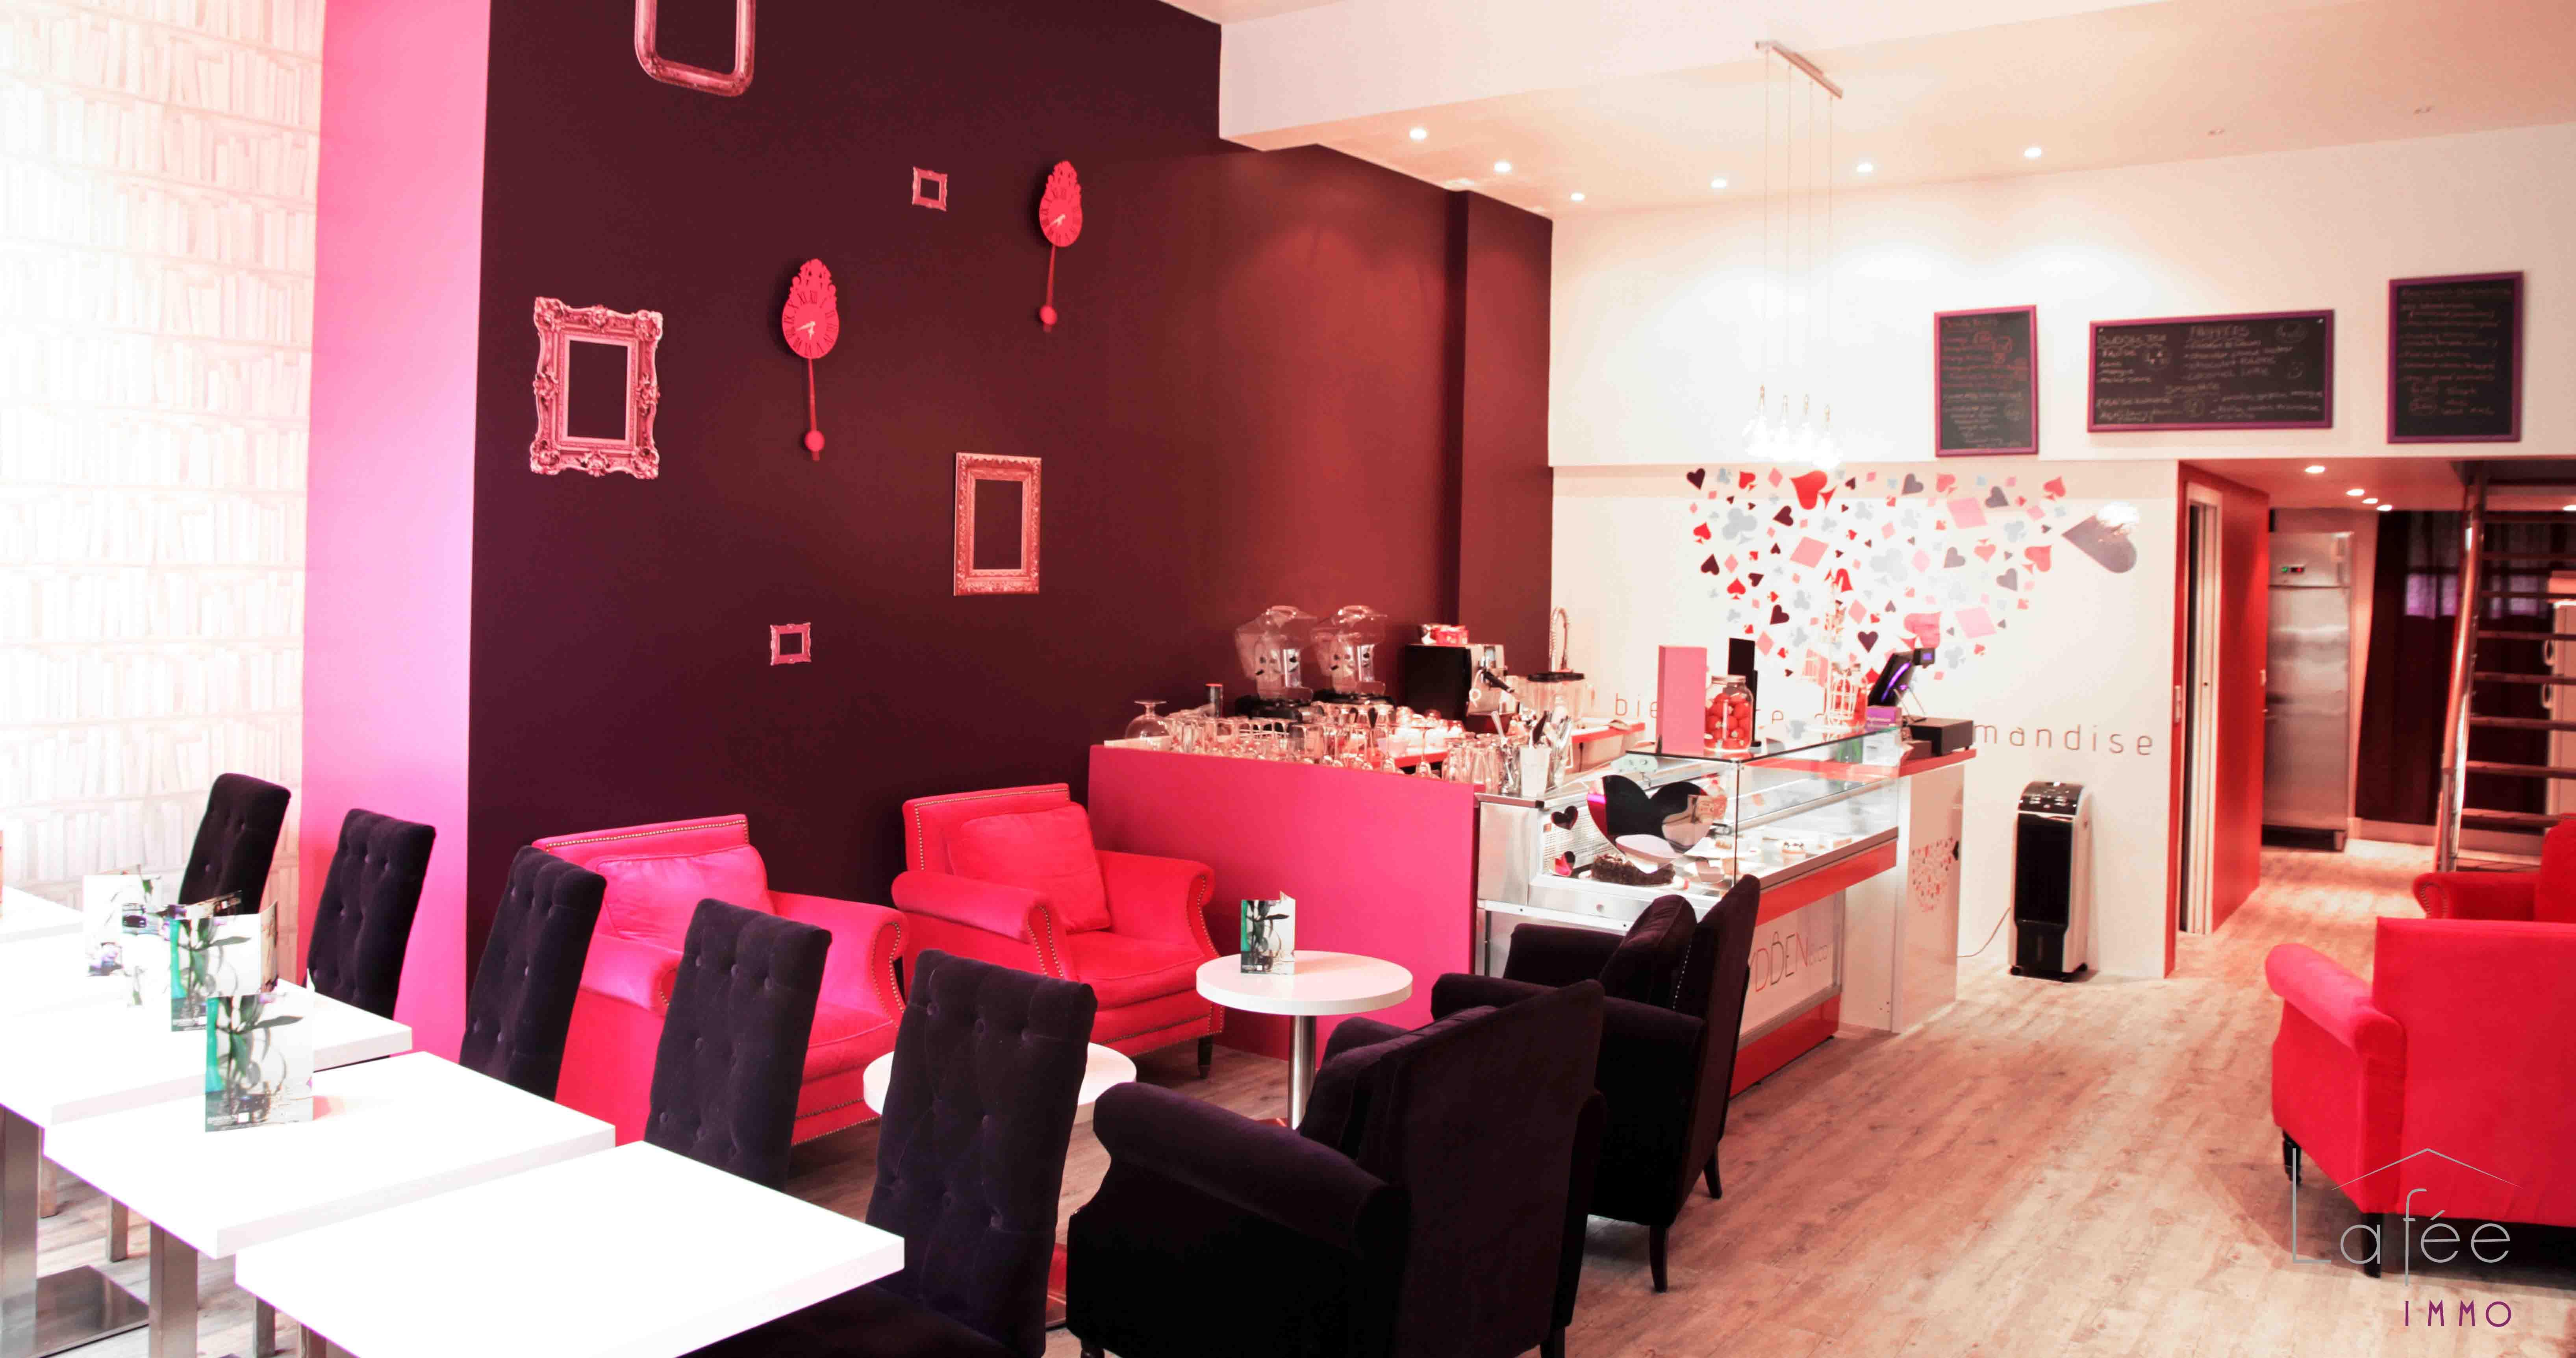 La Fee Immo Agencement Et Decoration D Un Salon De The